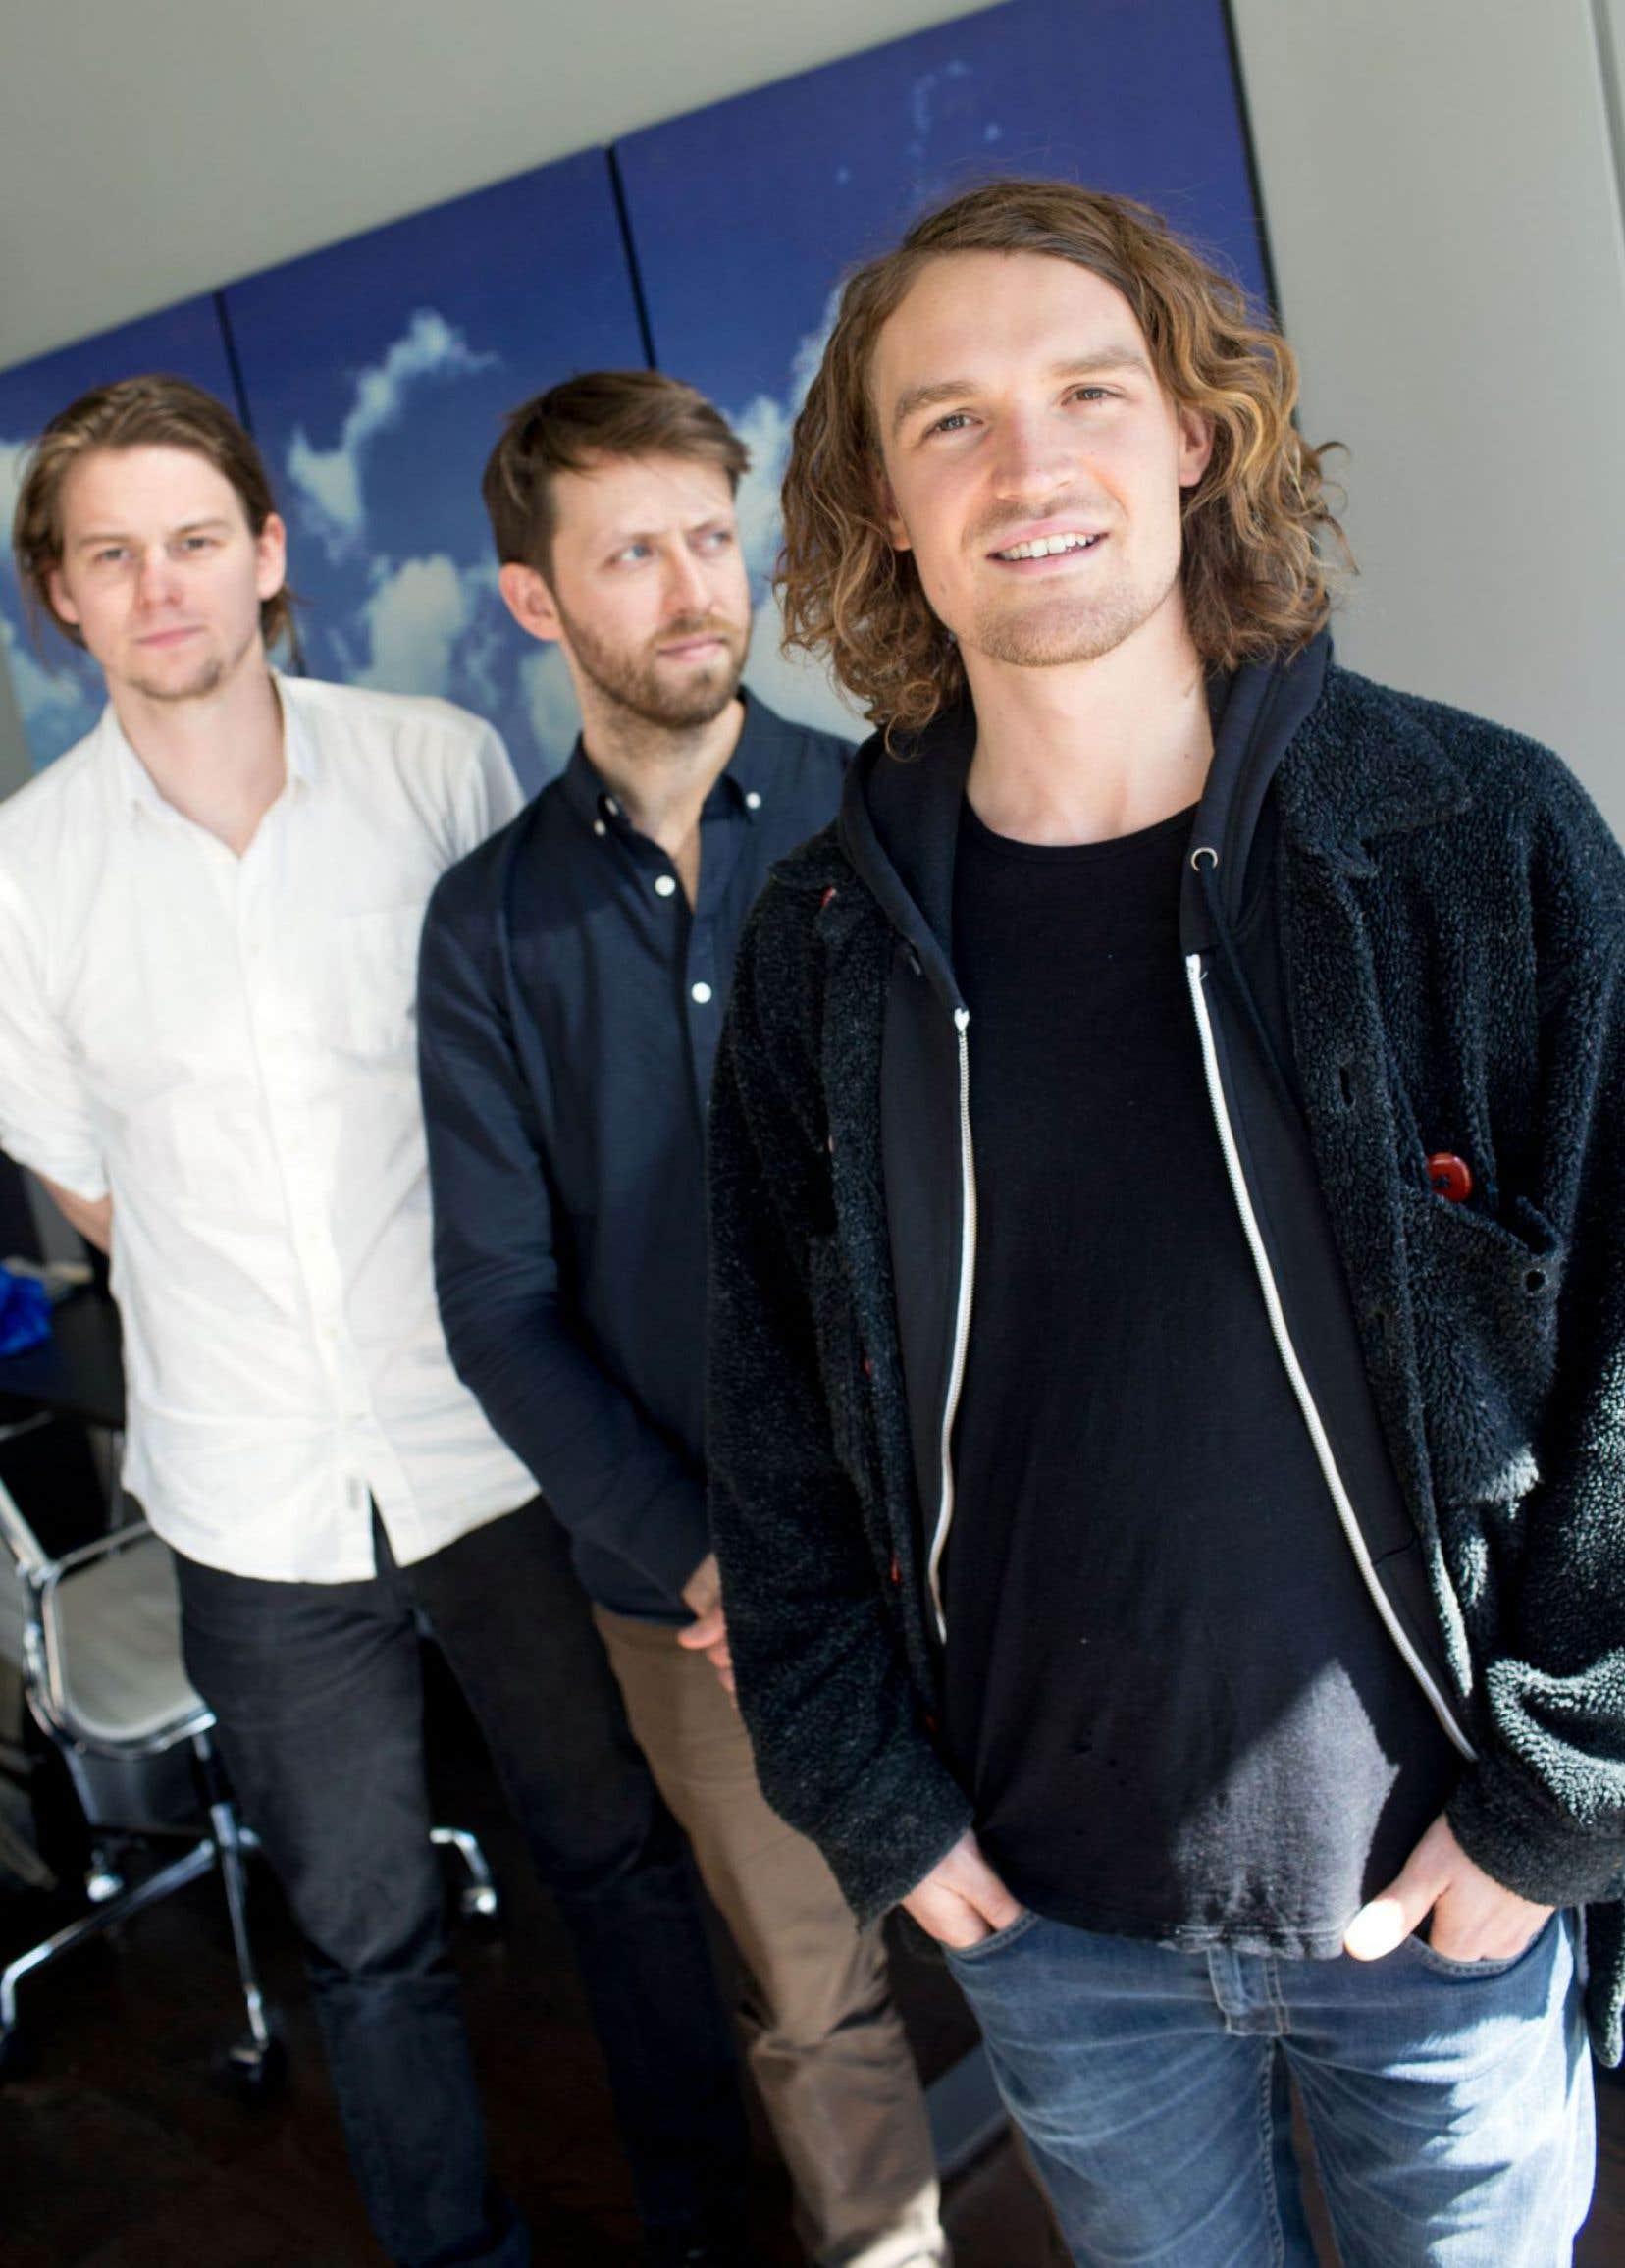 Isaac Symonds, en avant-plan, avec Dylan Philips et Conner Molander derrière. Devon Portielje, absent sur la photo, complète Half Moon Run.